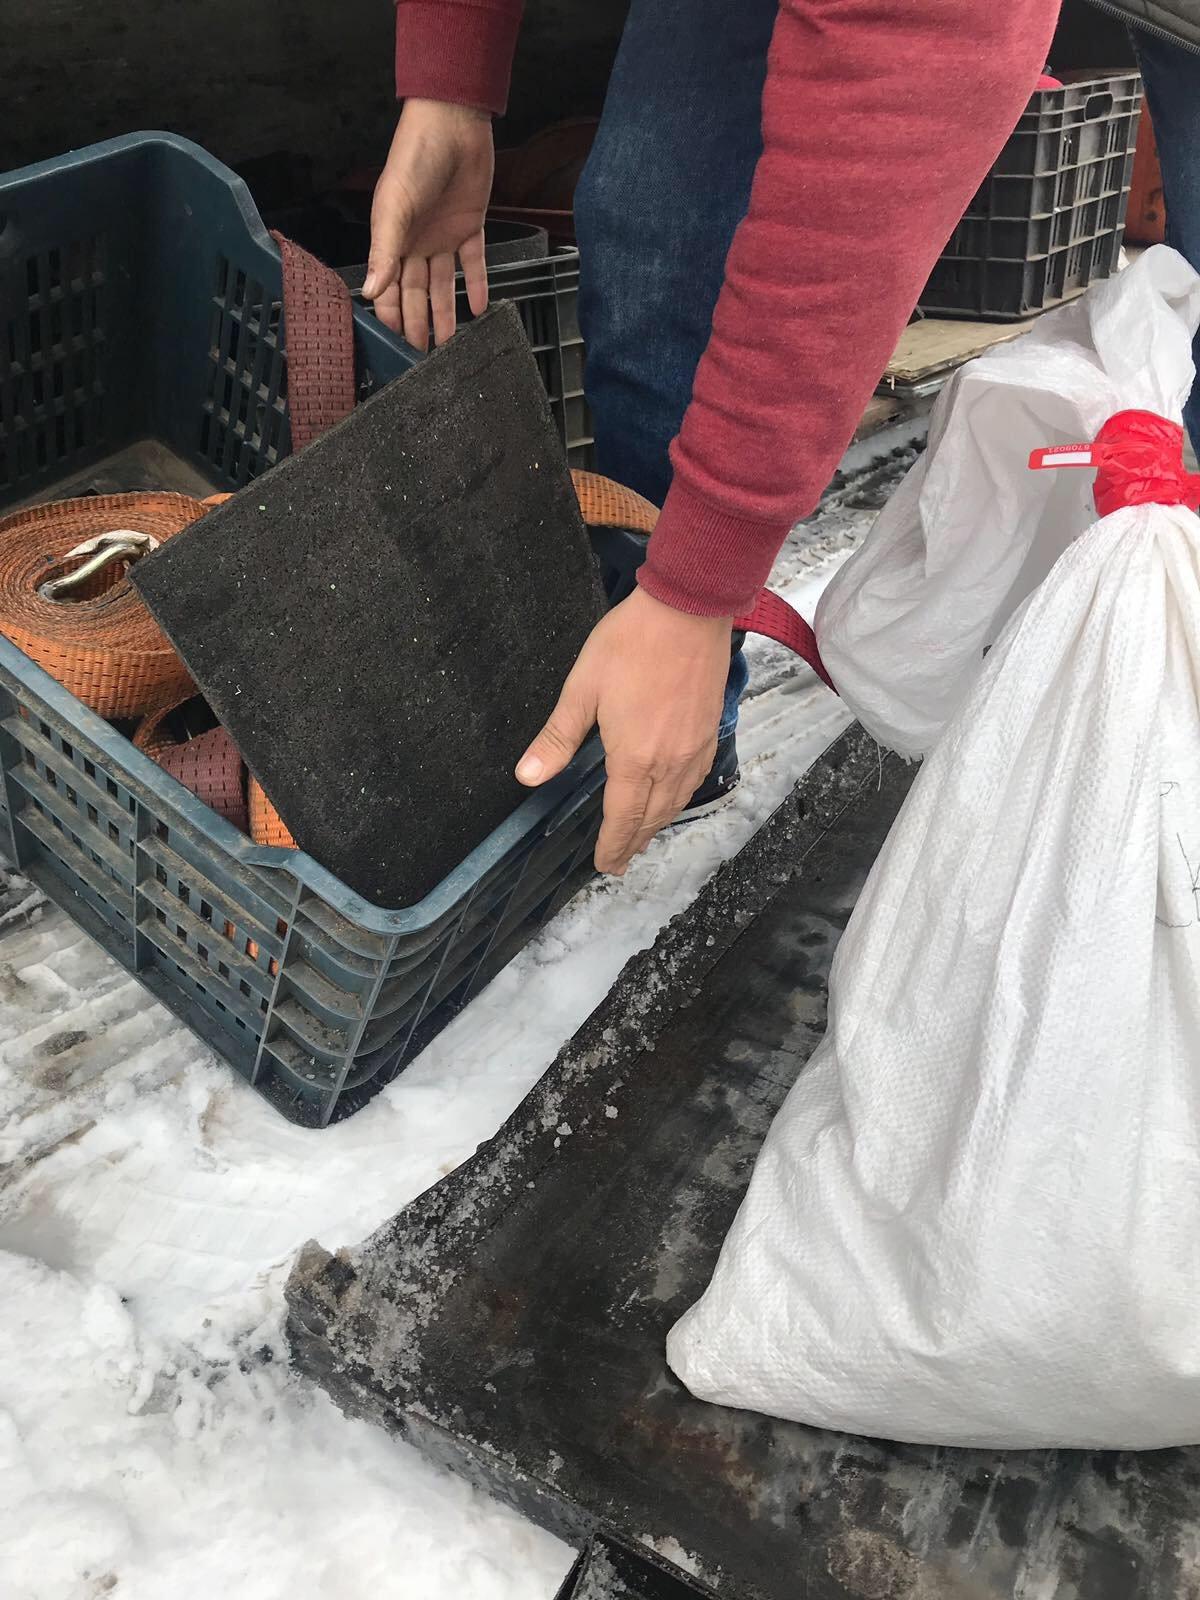 Віз на прохання знайомого: на кордоні закарпатські митники вилучили у іноземця 6,4 кг бурштину (ФОТО), фото-2